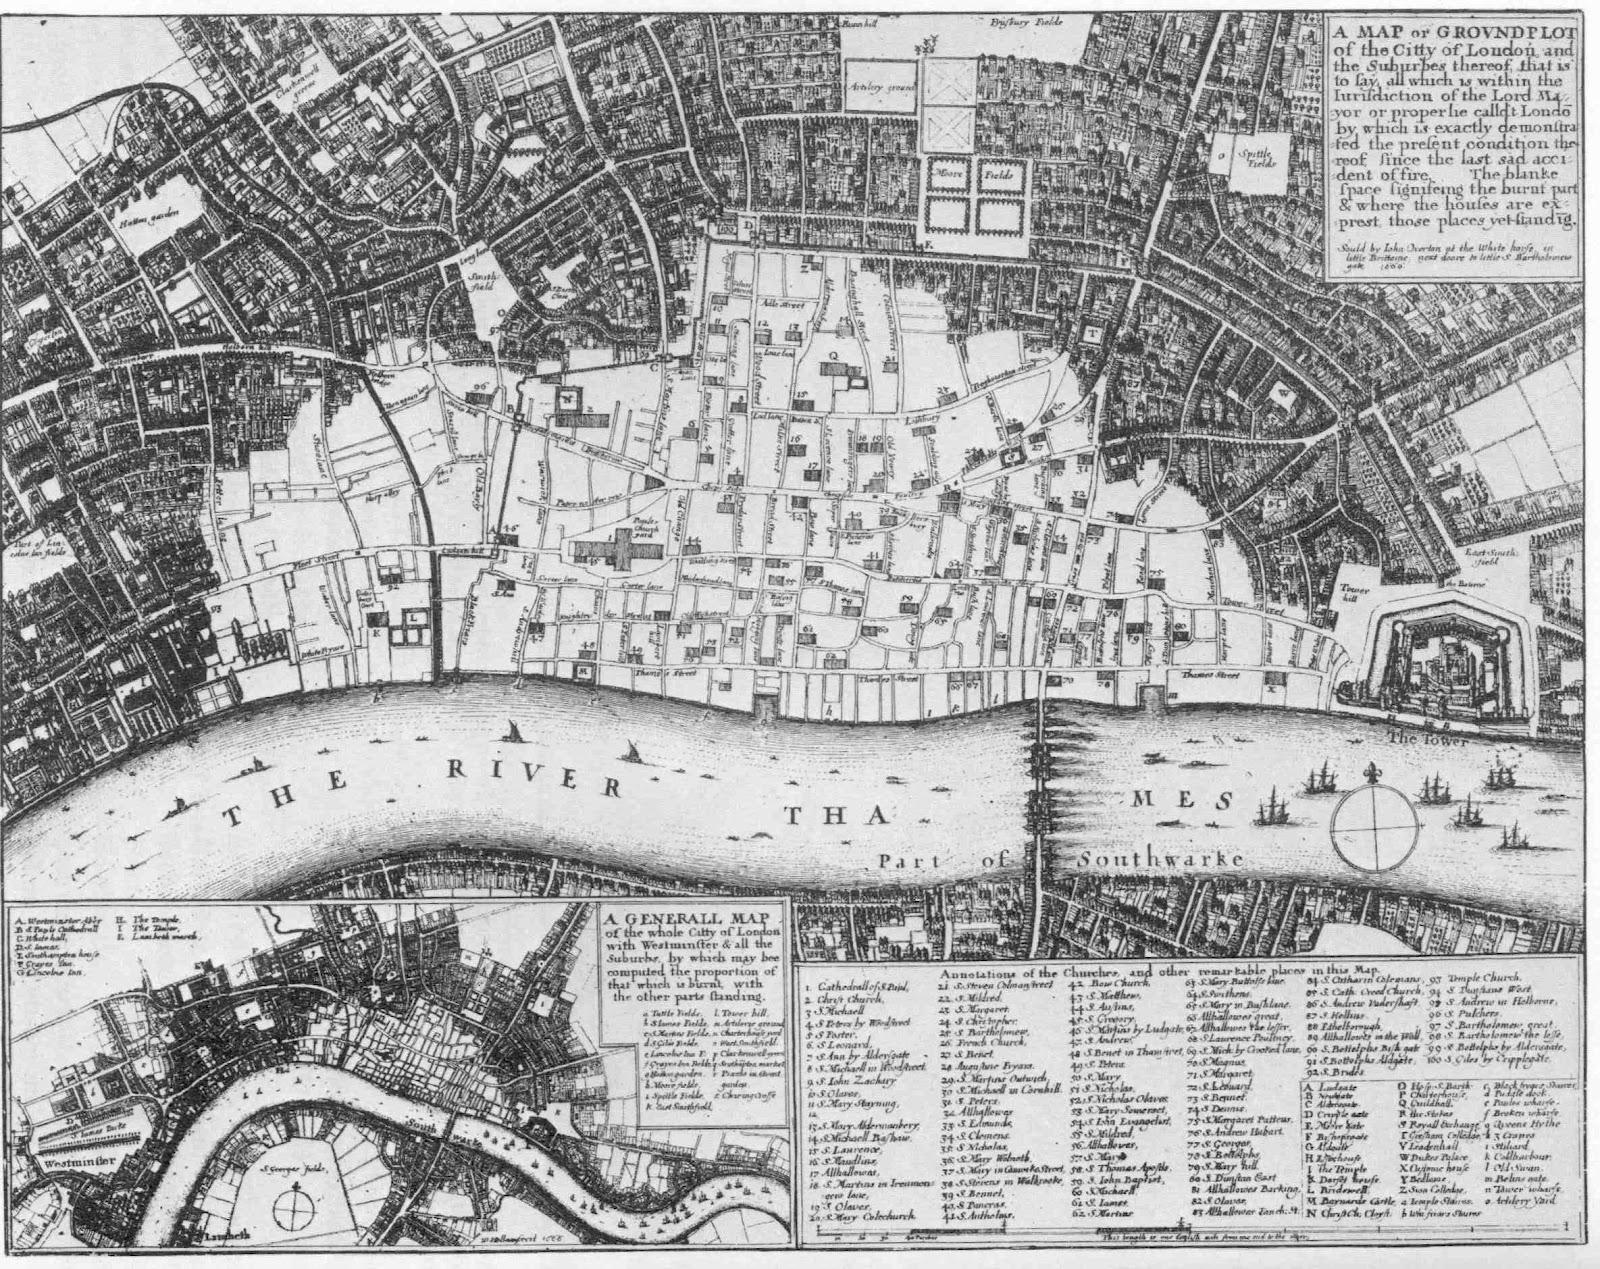 1666 Dramatische Stadtplne vom abgebrannten London